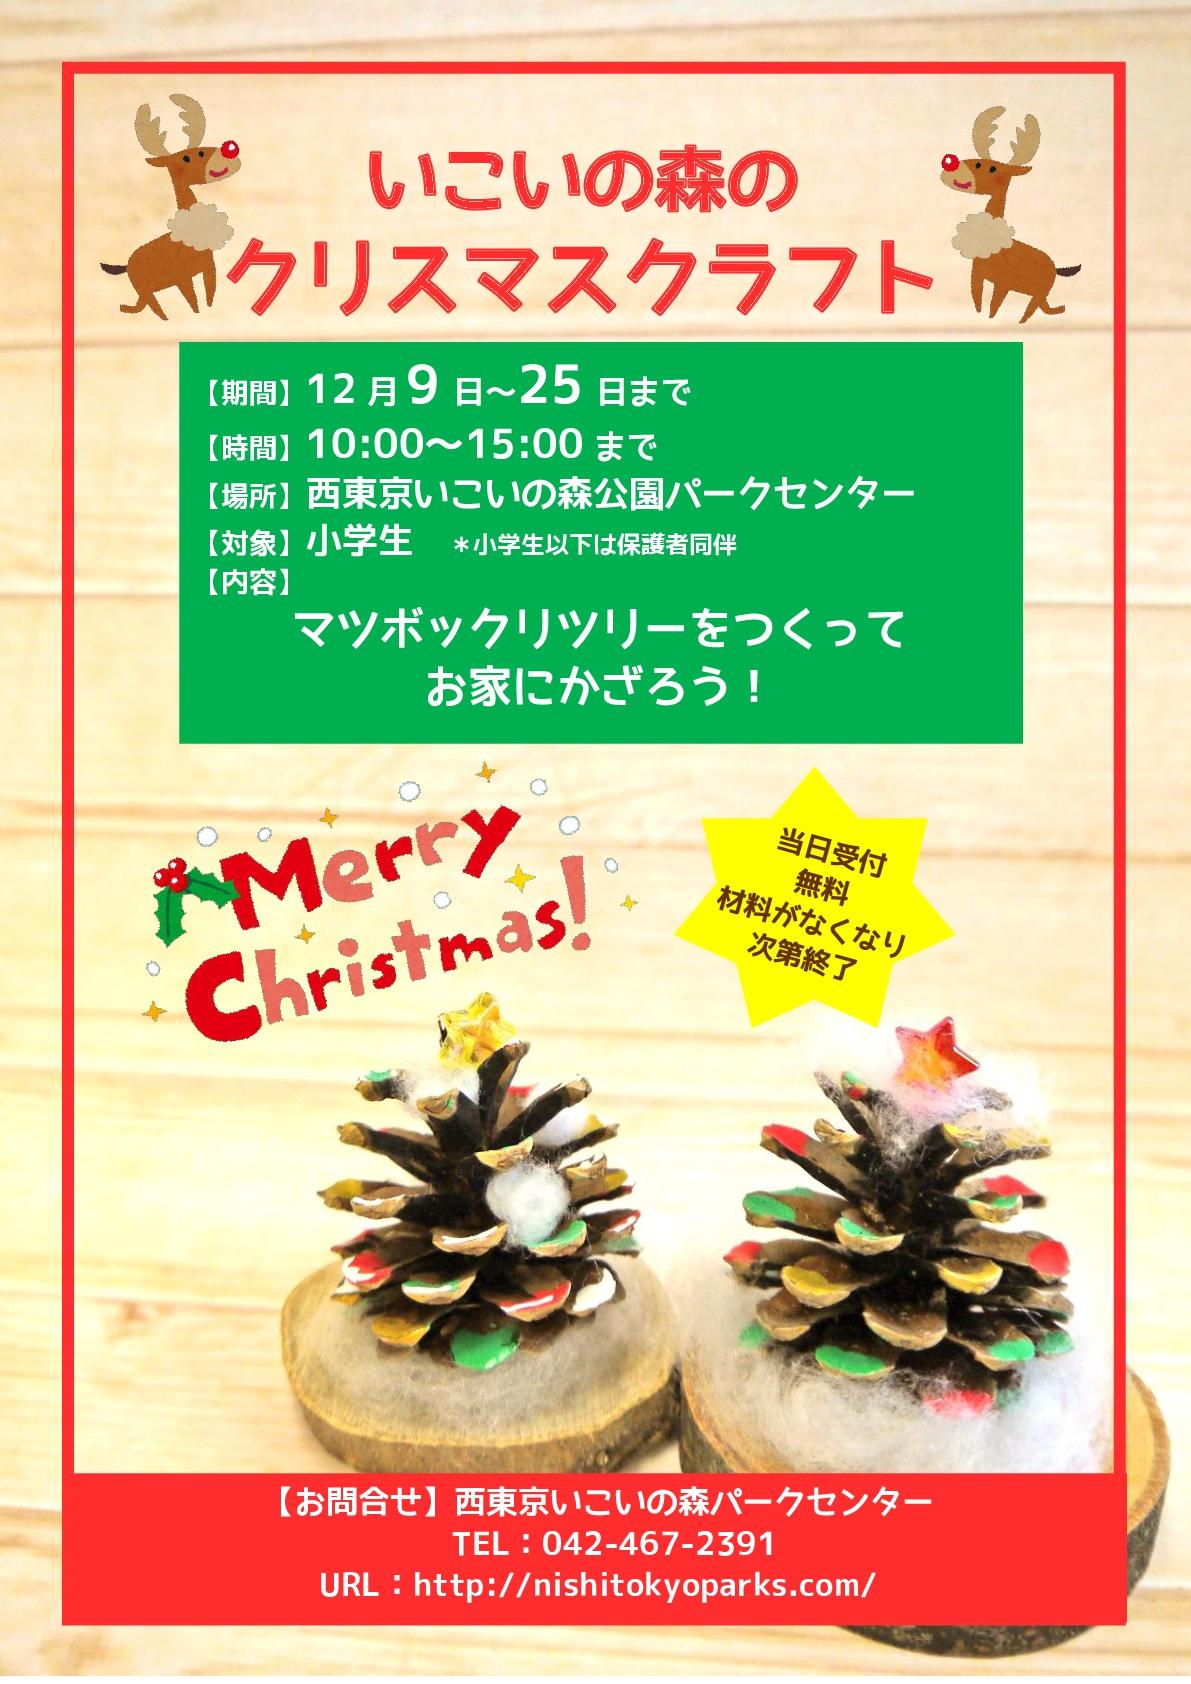 【チラシ】H29クリスマスクラフト _171202-001